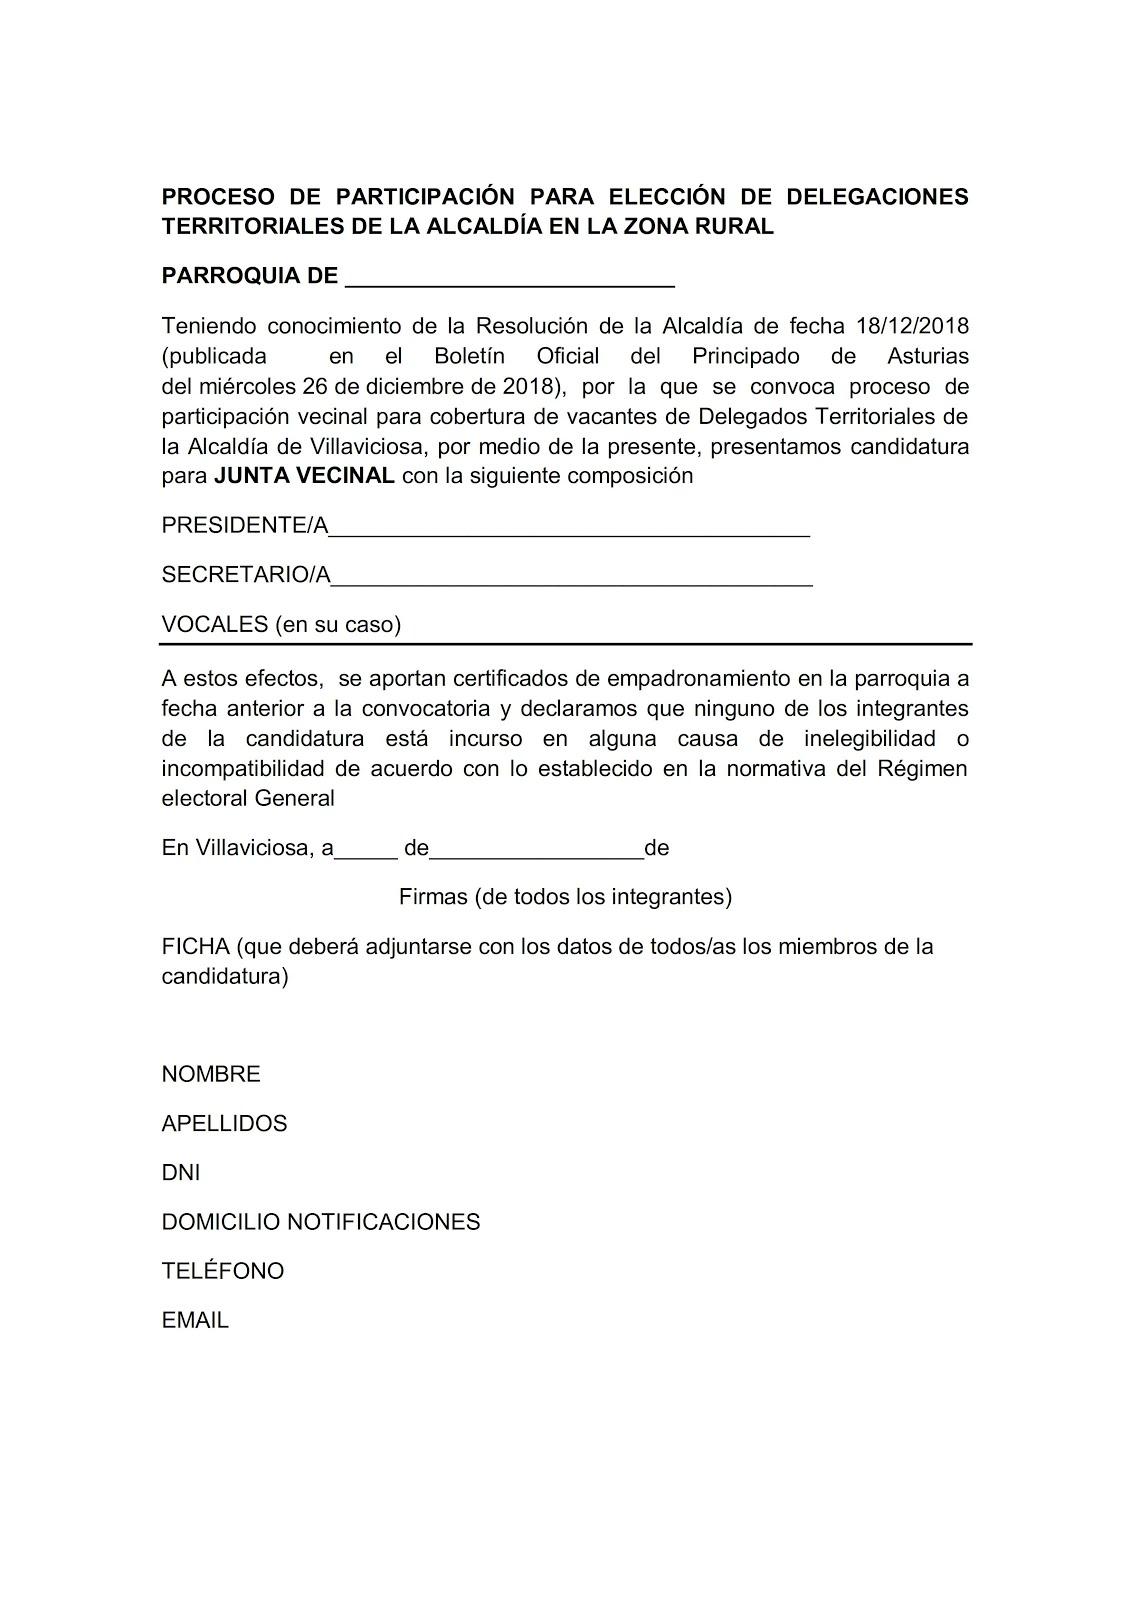 NOTA DE LA ASOCIACIÓN DE VECINOS DE QUINTES